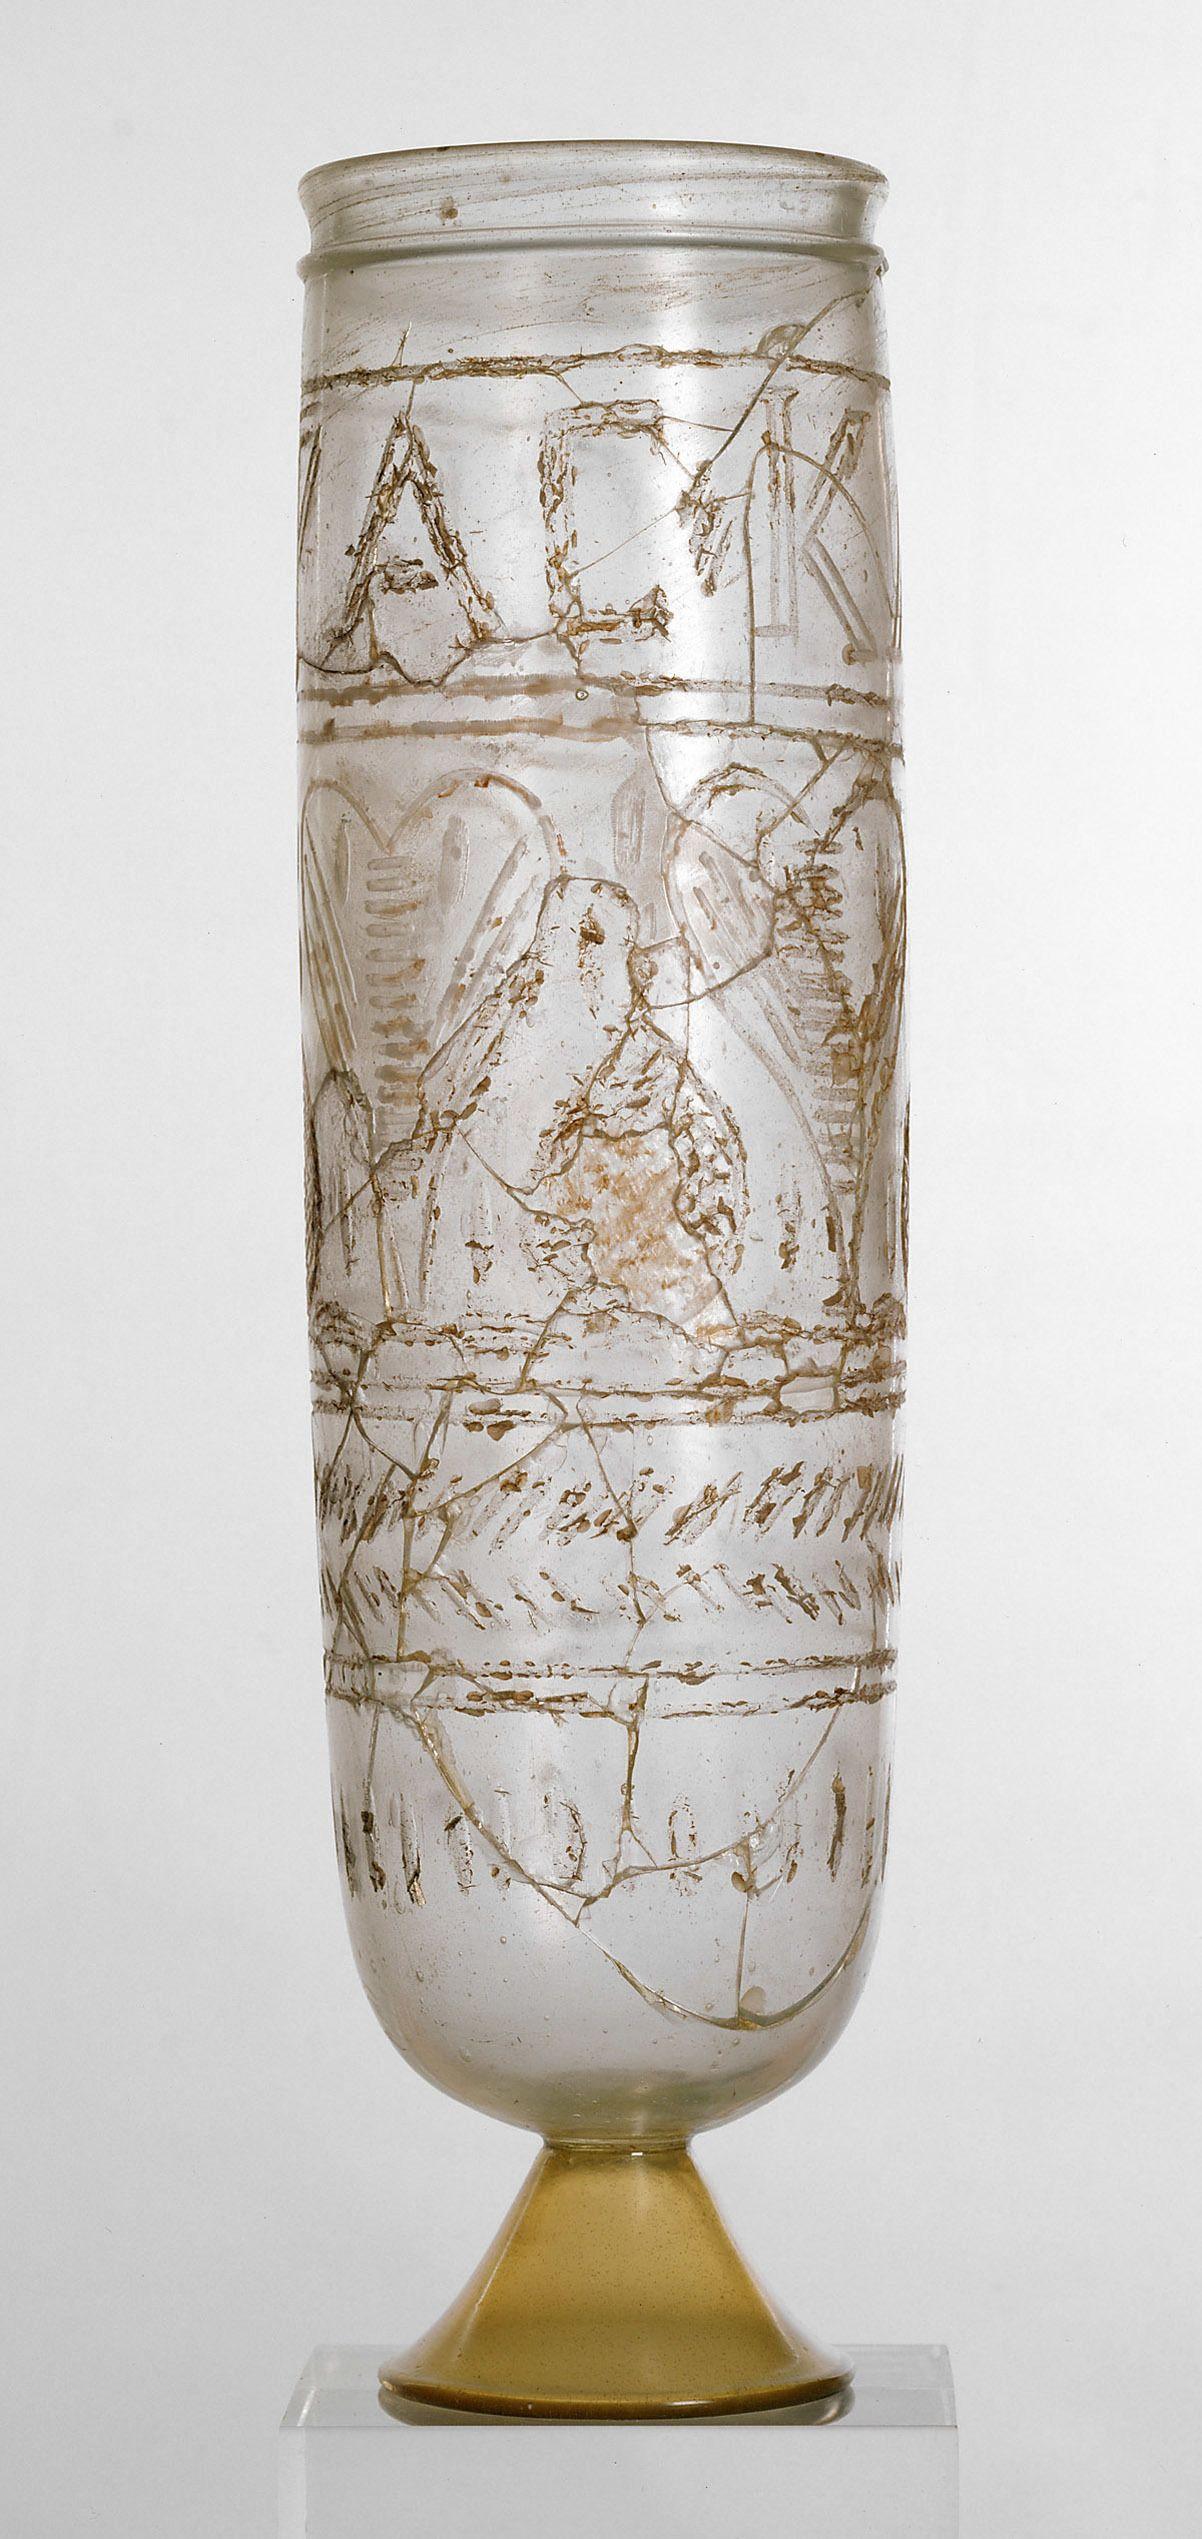 Römisch, Spätantik, 4. Jh. n. Chr., Kunsthistorisches Museum Wien, Antikensammlung